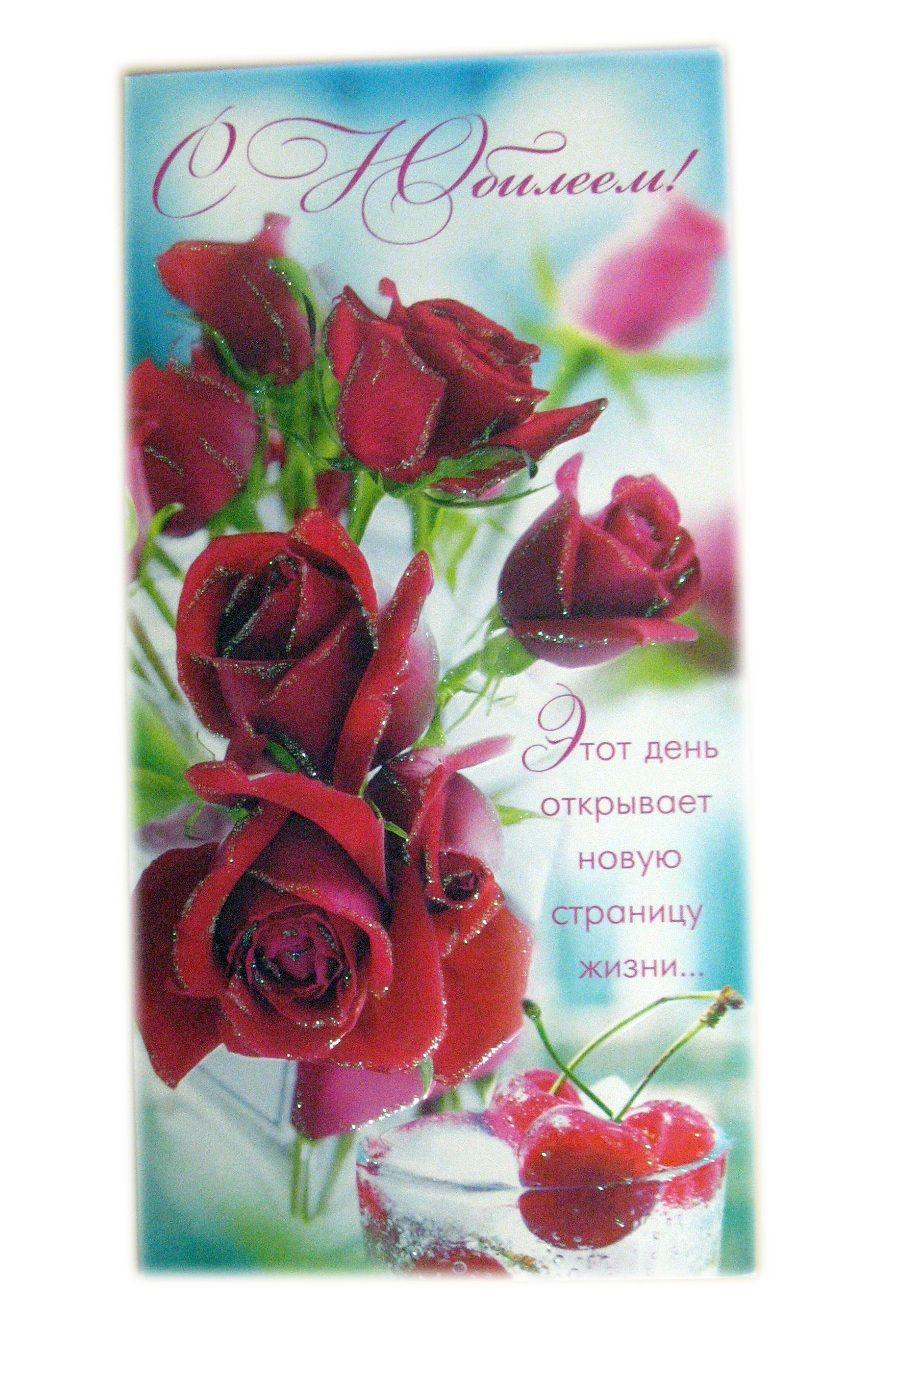 Russian Birthday Card | My Birthday | Birthday Cards, Birthday, Cards - Free Printable Russian Birthday Cards